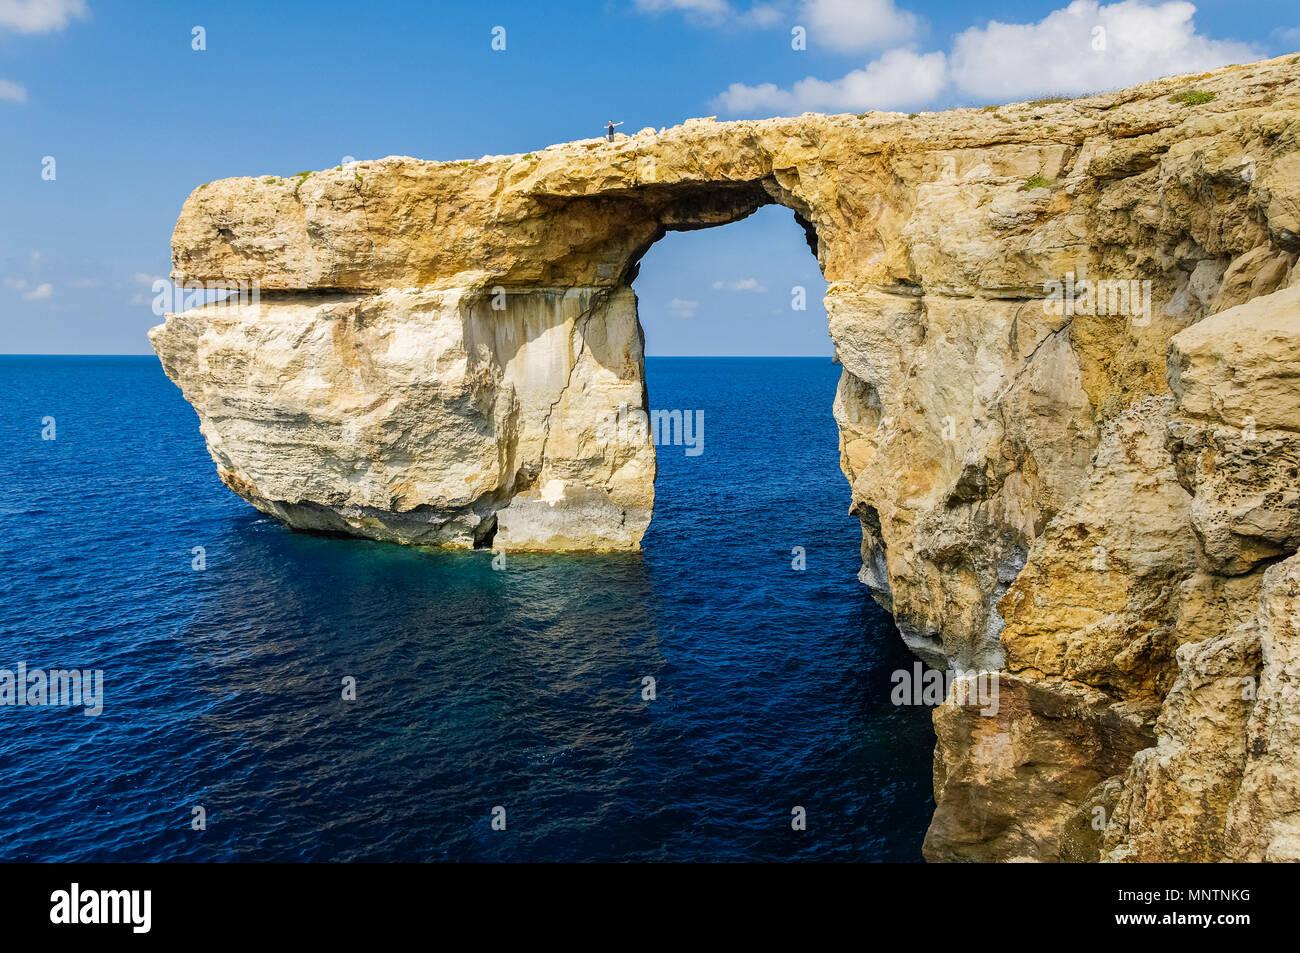 Azure Window Fenster oder Dwejra Gozo, Malta, Mittelmeer, Atlantik Stockbild